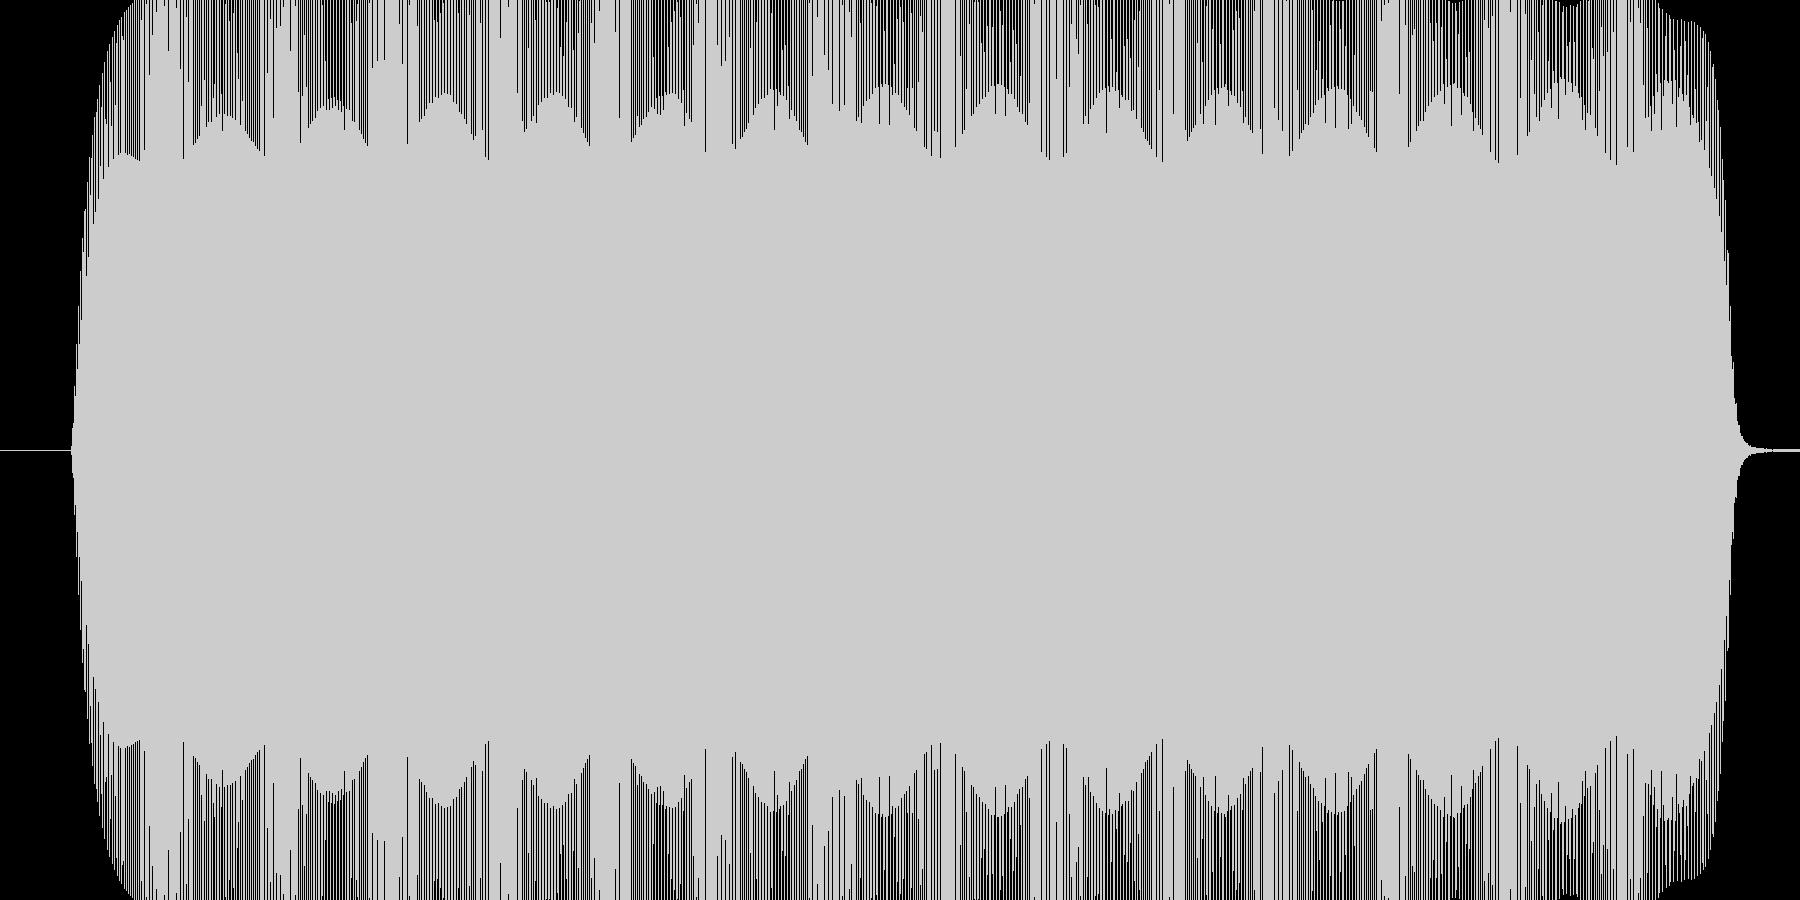 ボワンボワン、ぐるぐるまわる電子音の未再生の波形